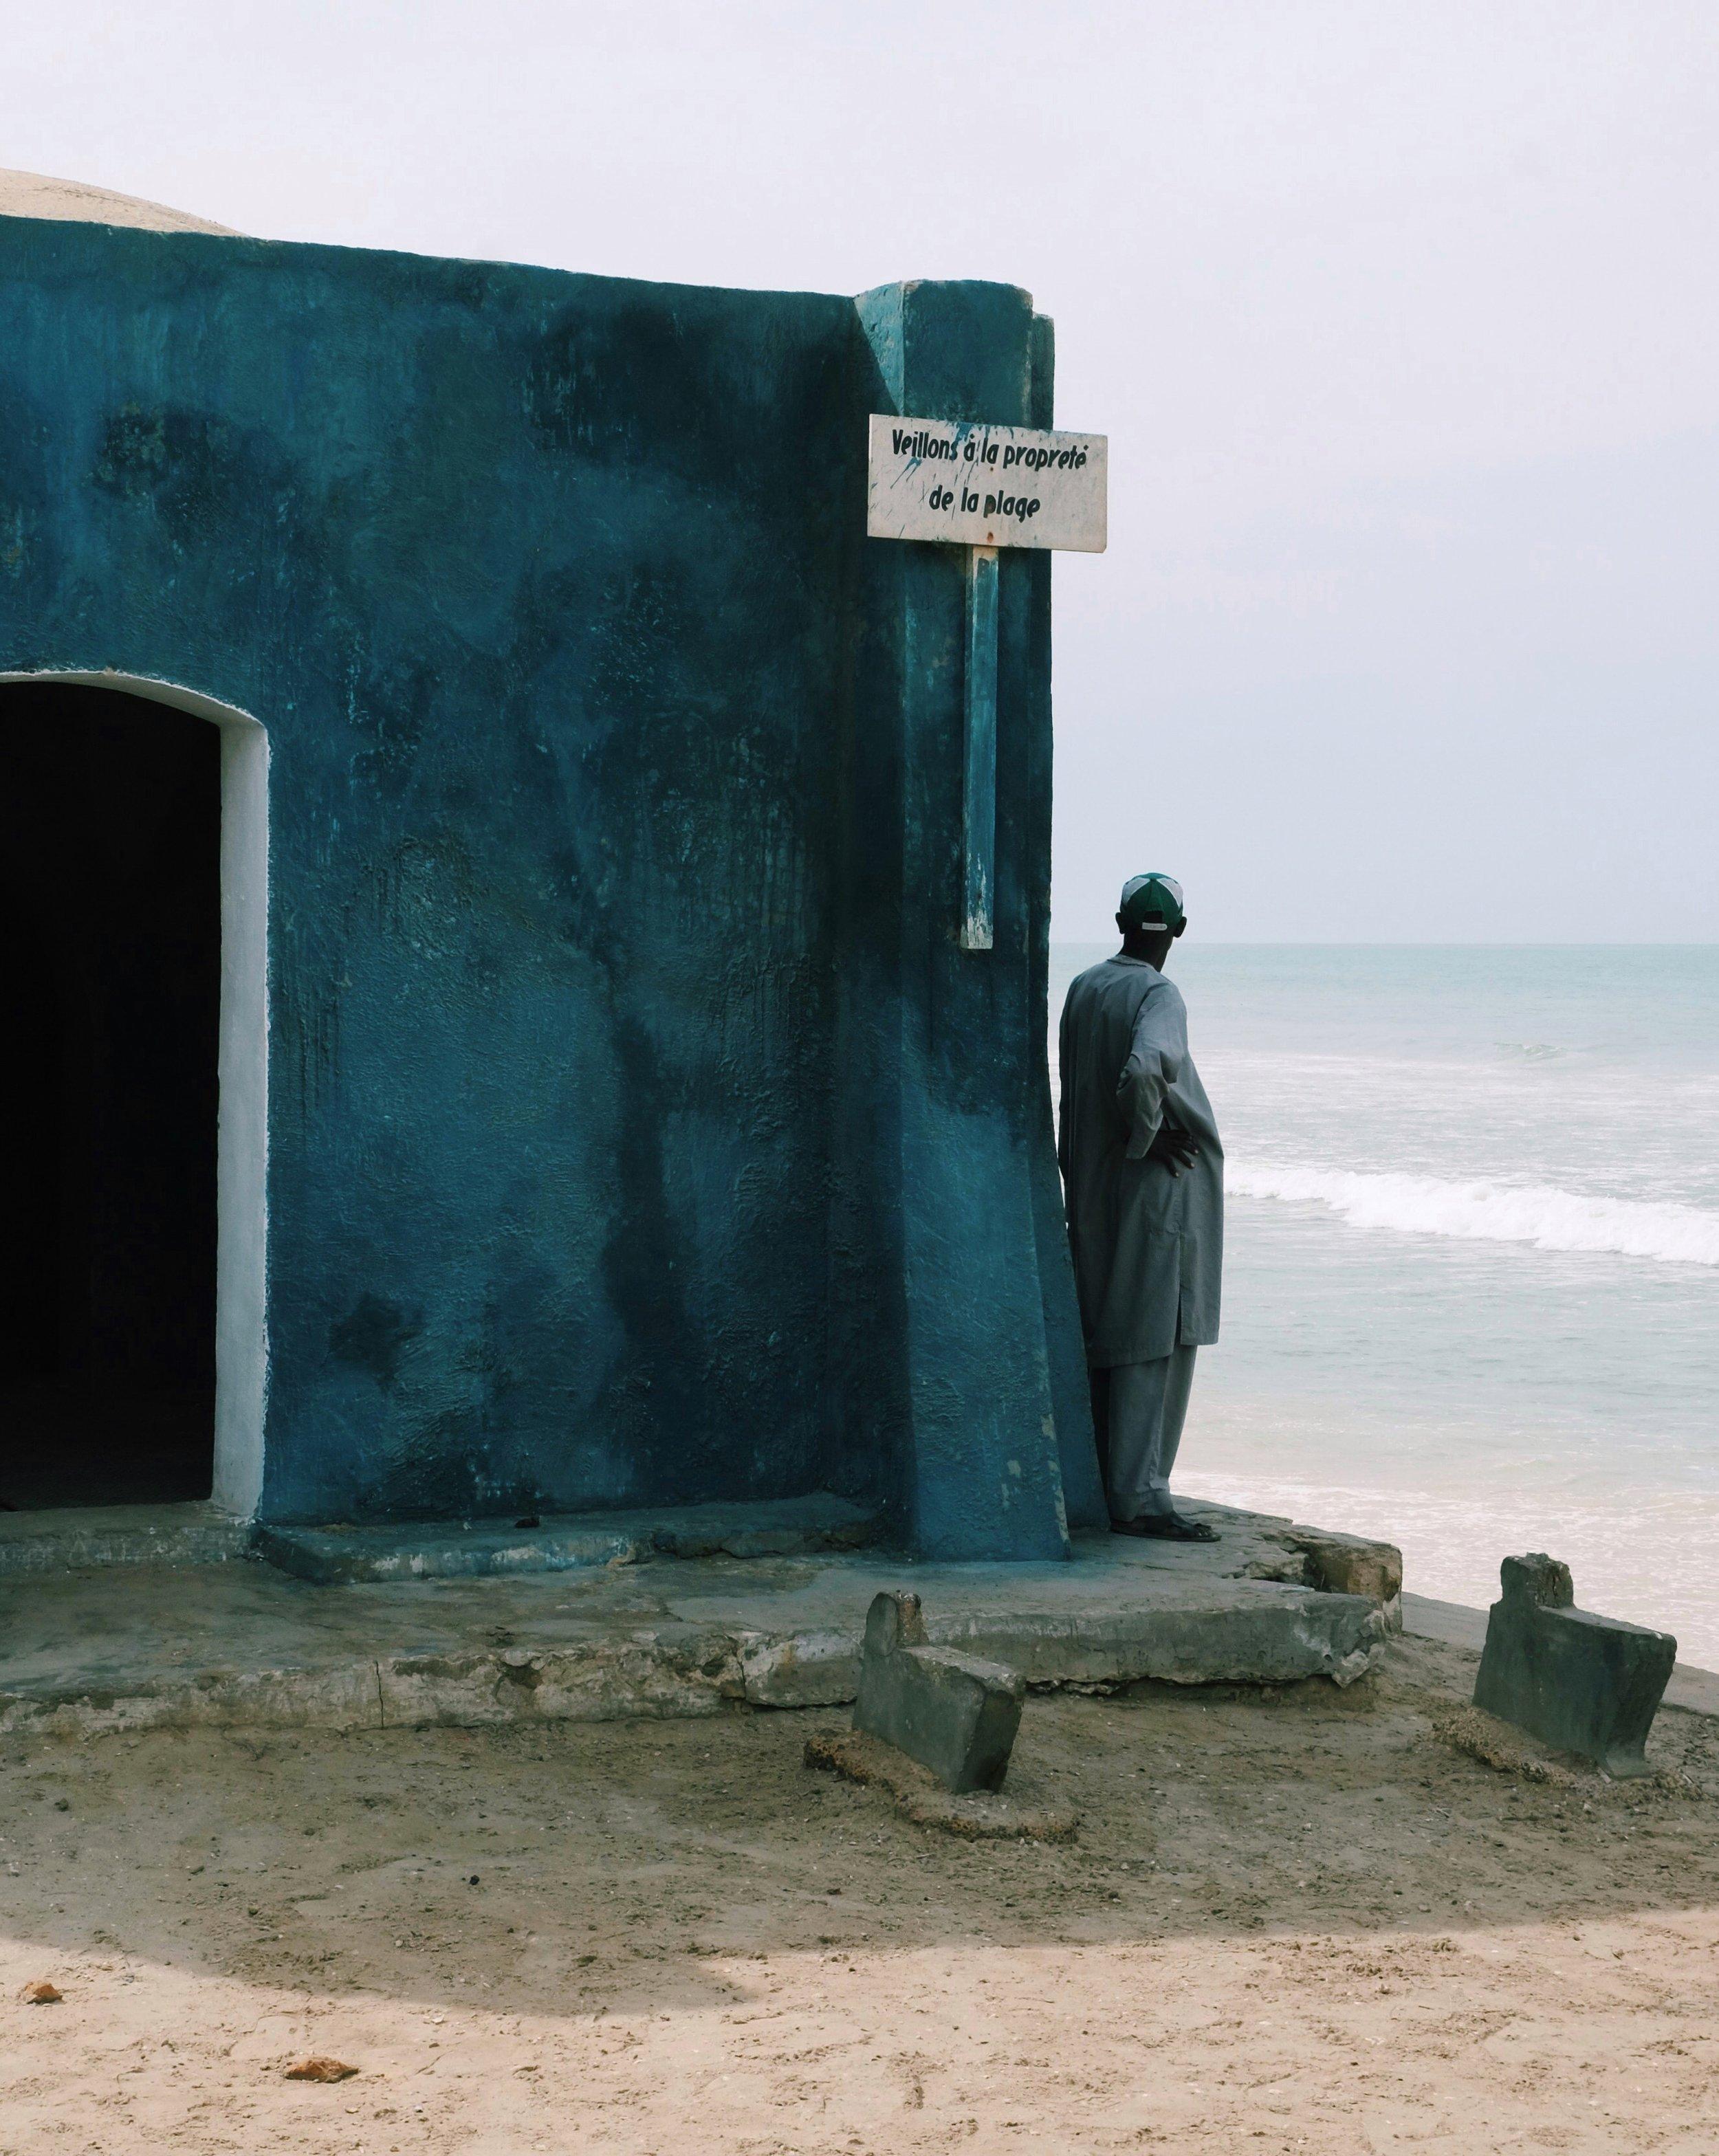 Saint-Louis erroding beach side in Senegal by Joost Bastmeijer.jpeg